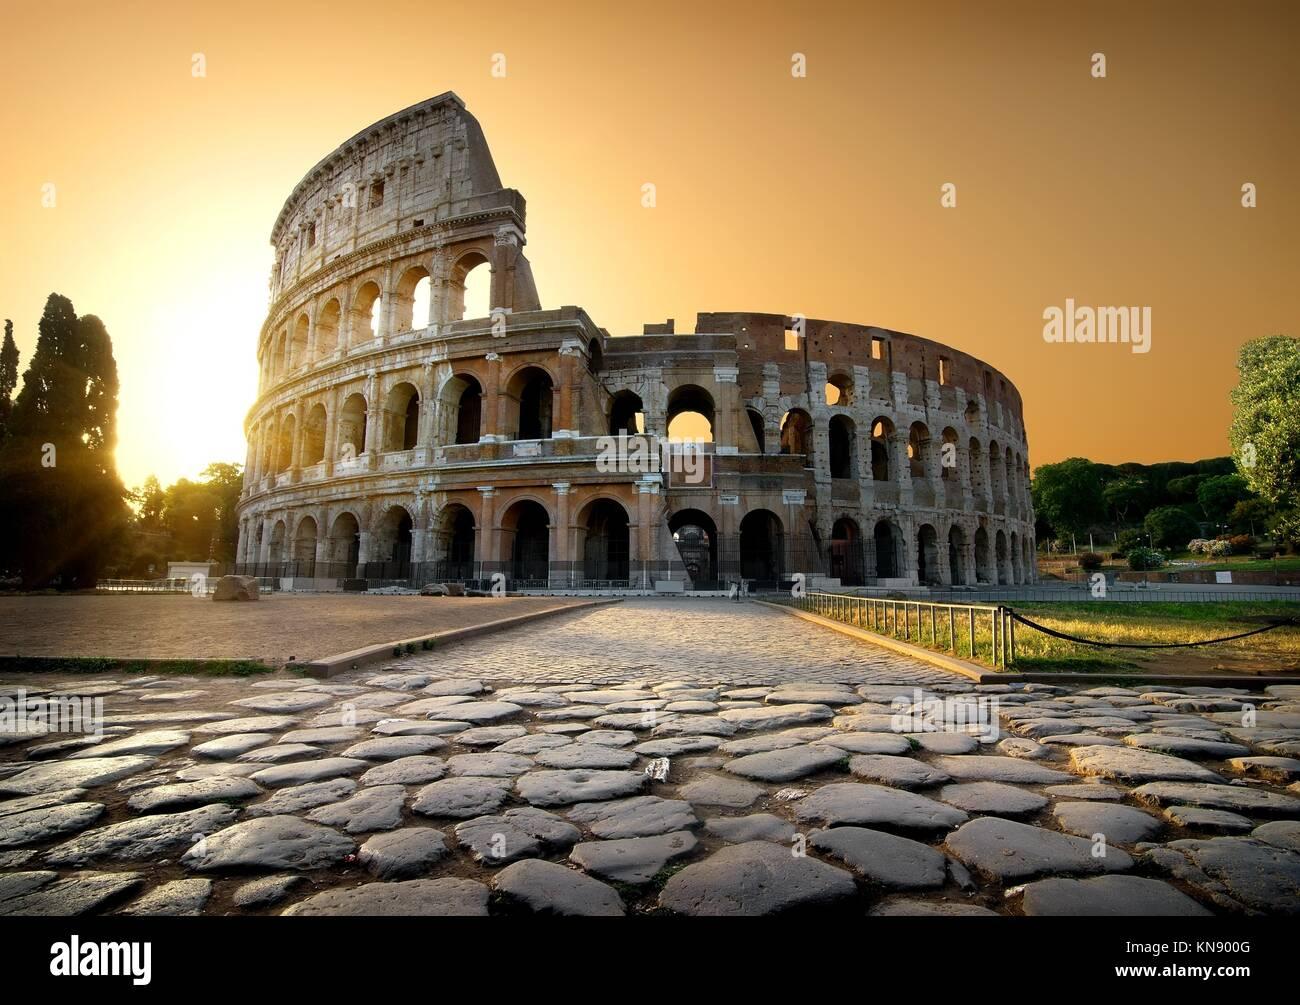 Il Colosseo e il cielo giallo in Roma, Italia. Immagini Stock